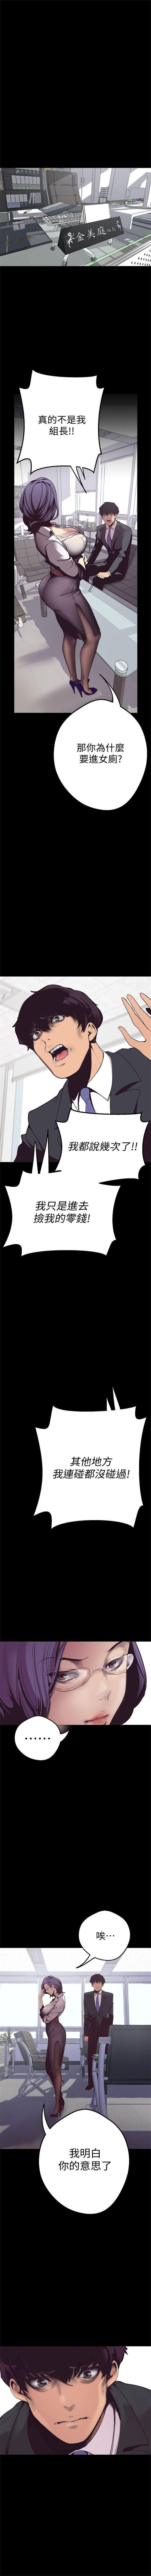 (周6)美丽新世界 1-61 中文翻译 (更新中) 11